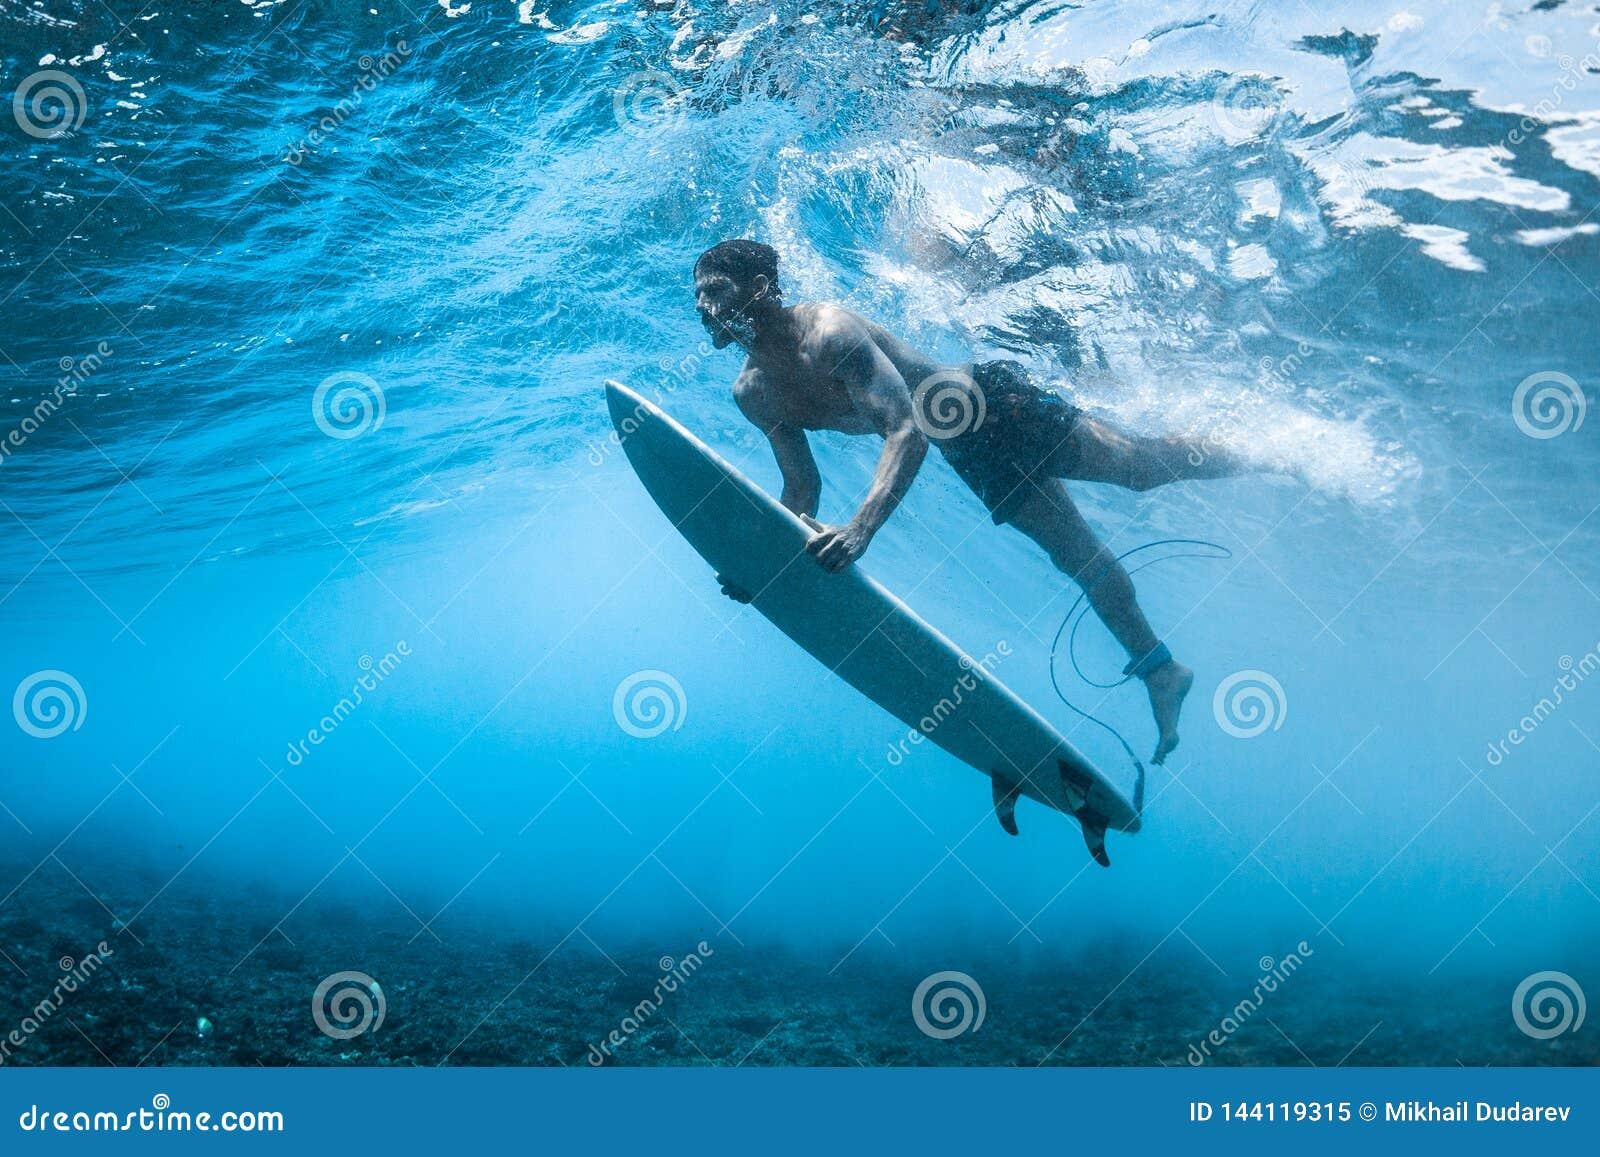 La persona que practica surf realiza zambullida